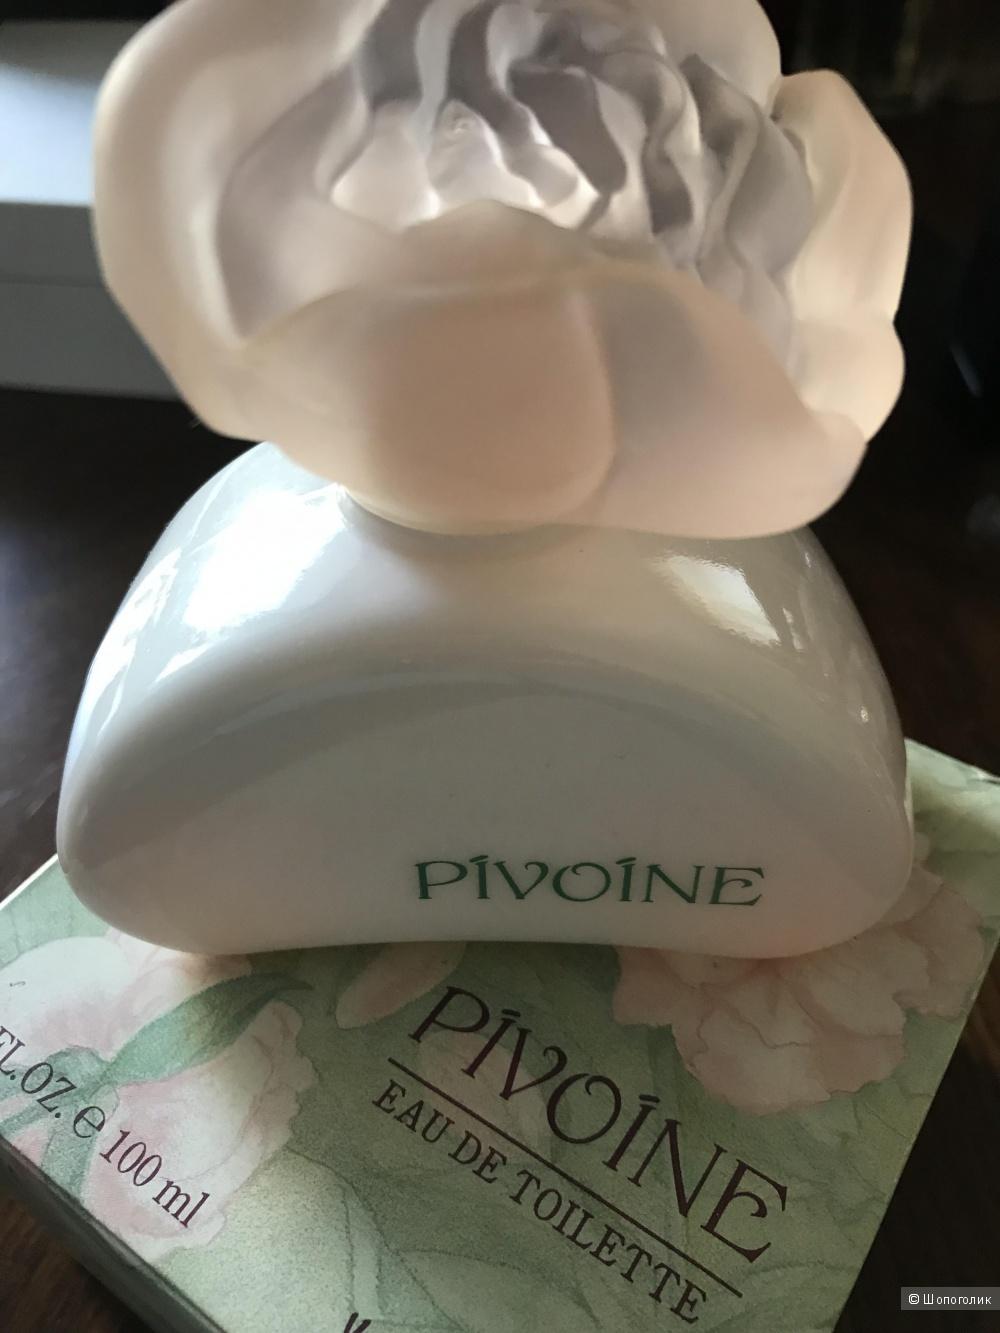 Pivoine Yves Rocher  80/100 ml из первых выпусков